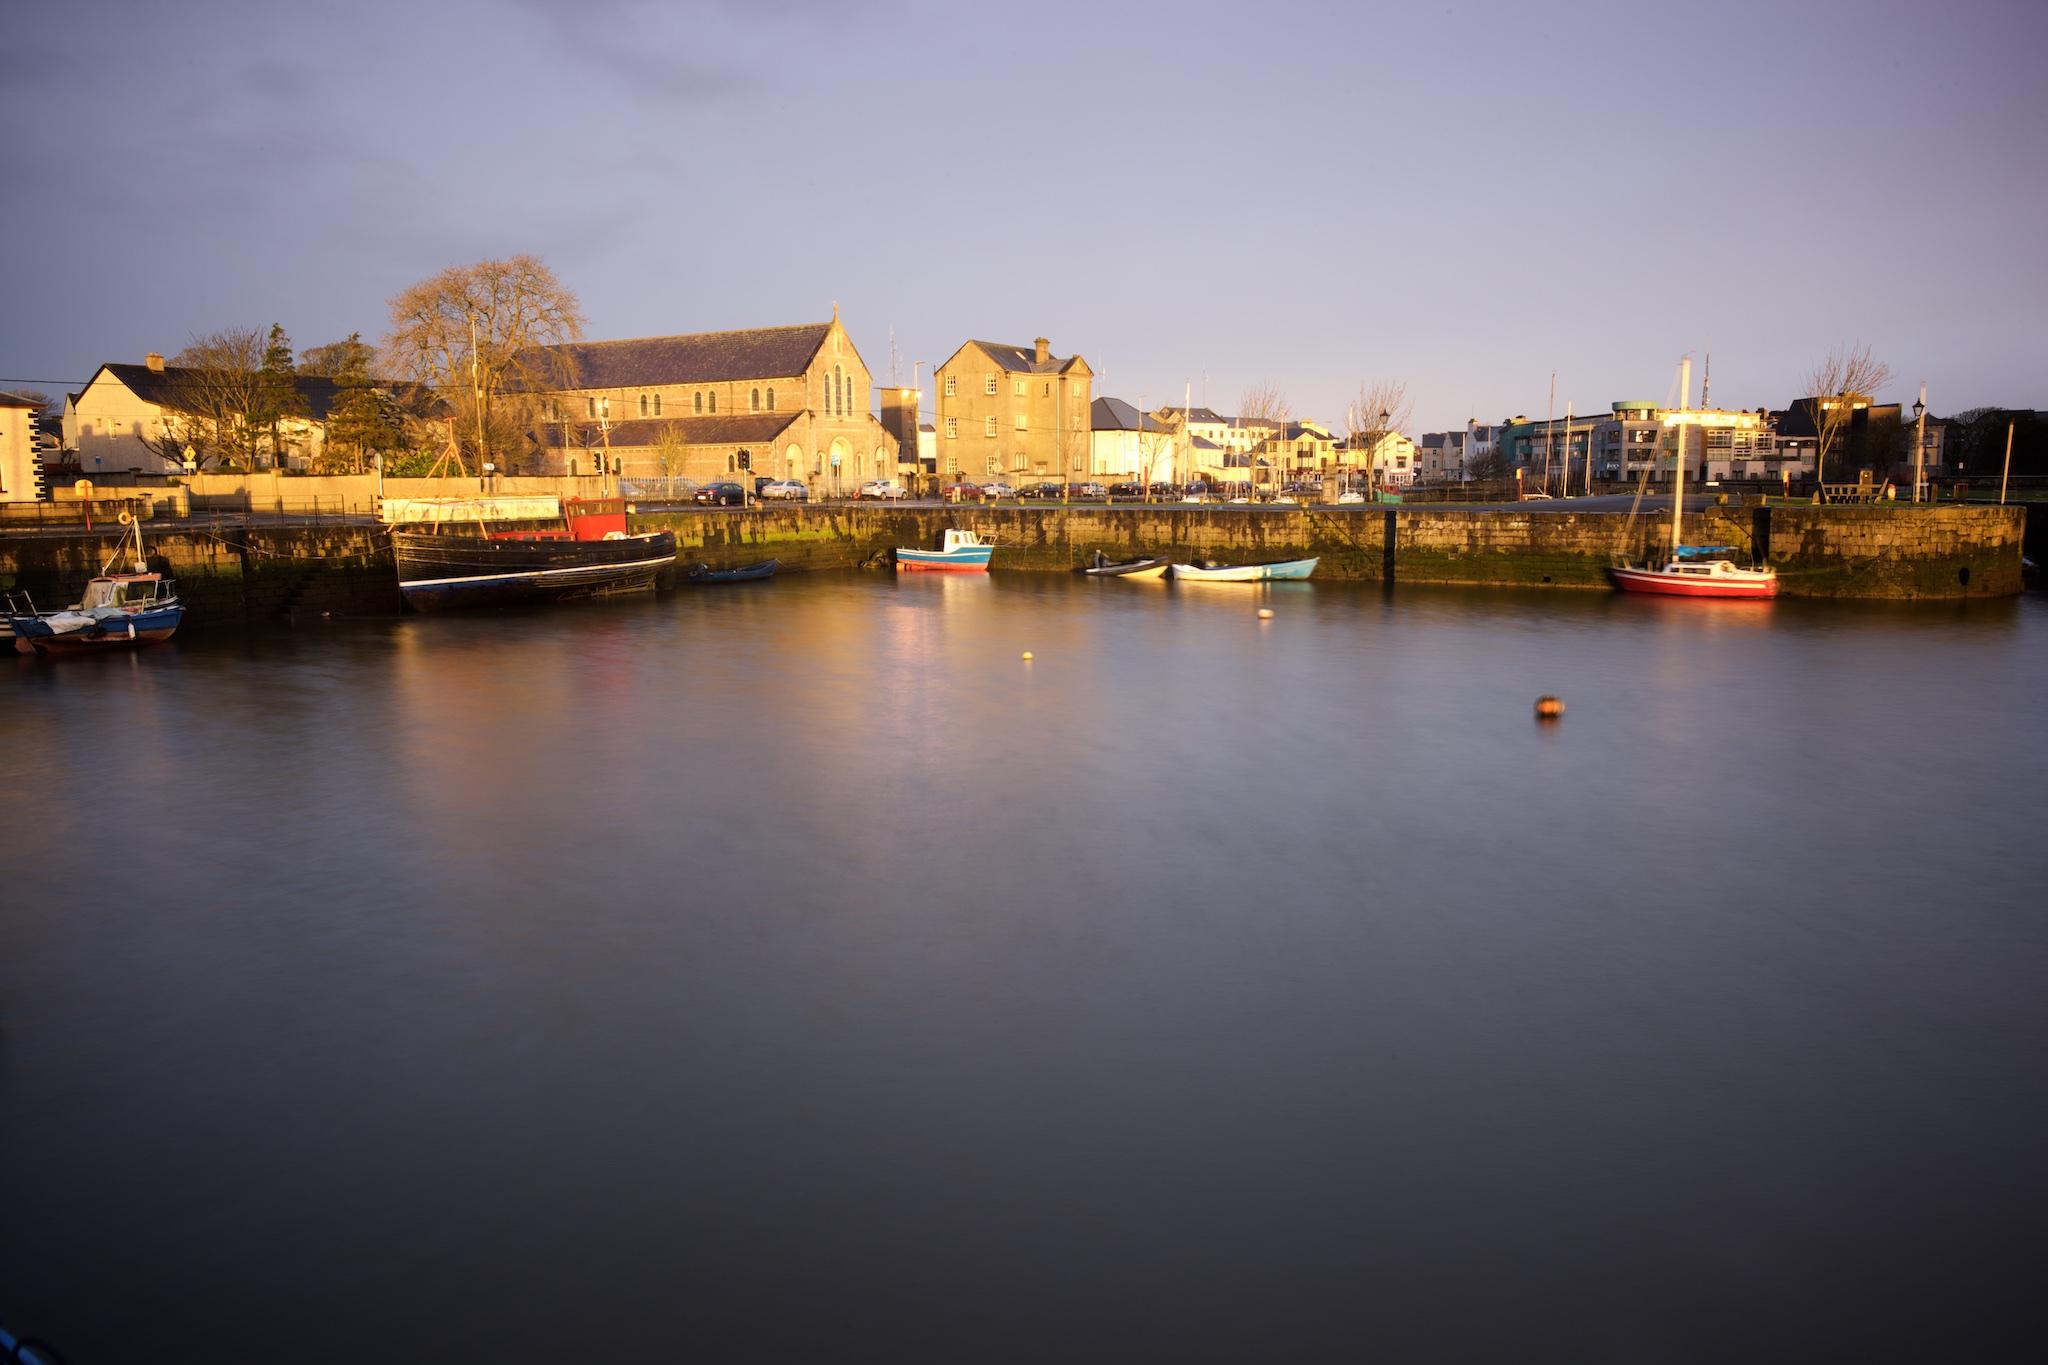 Galway harbor, Ireland